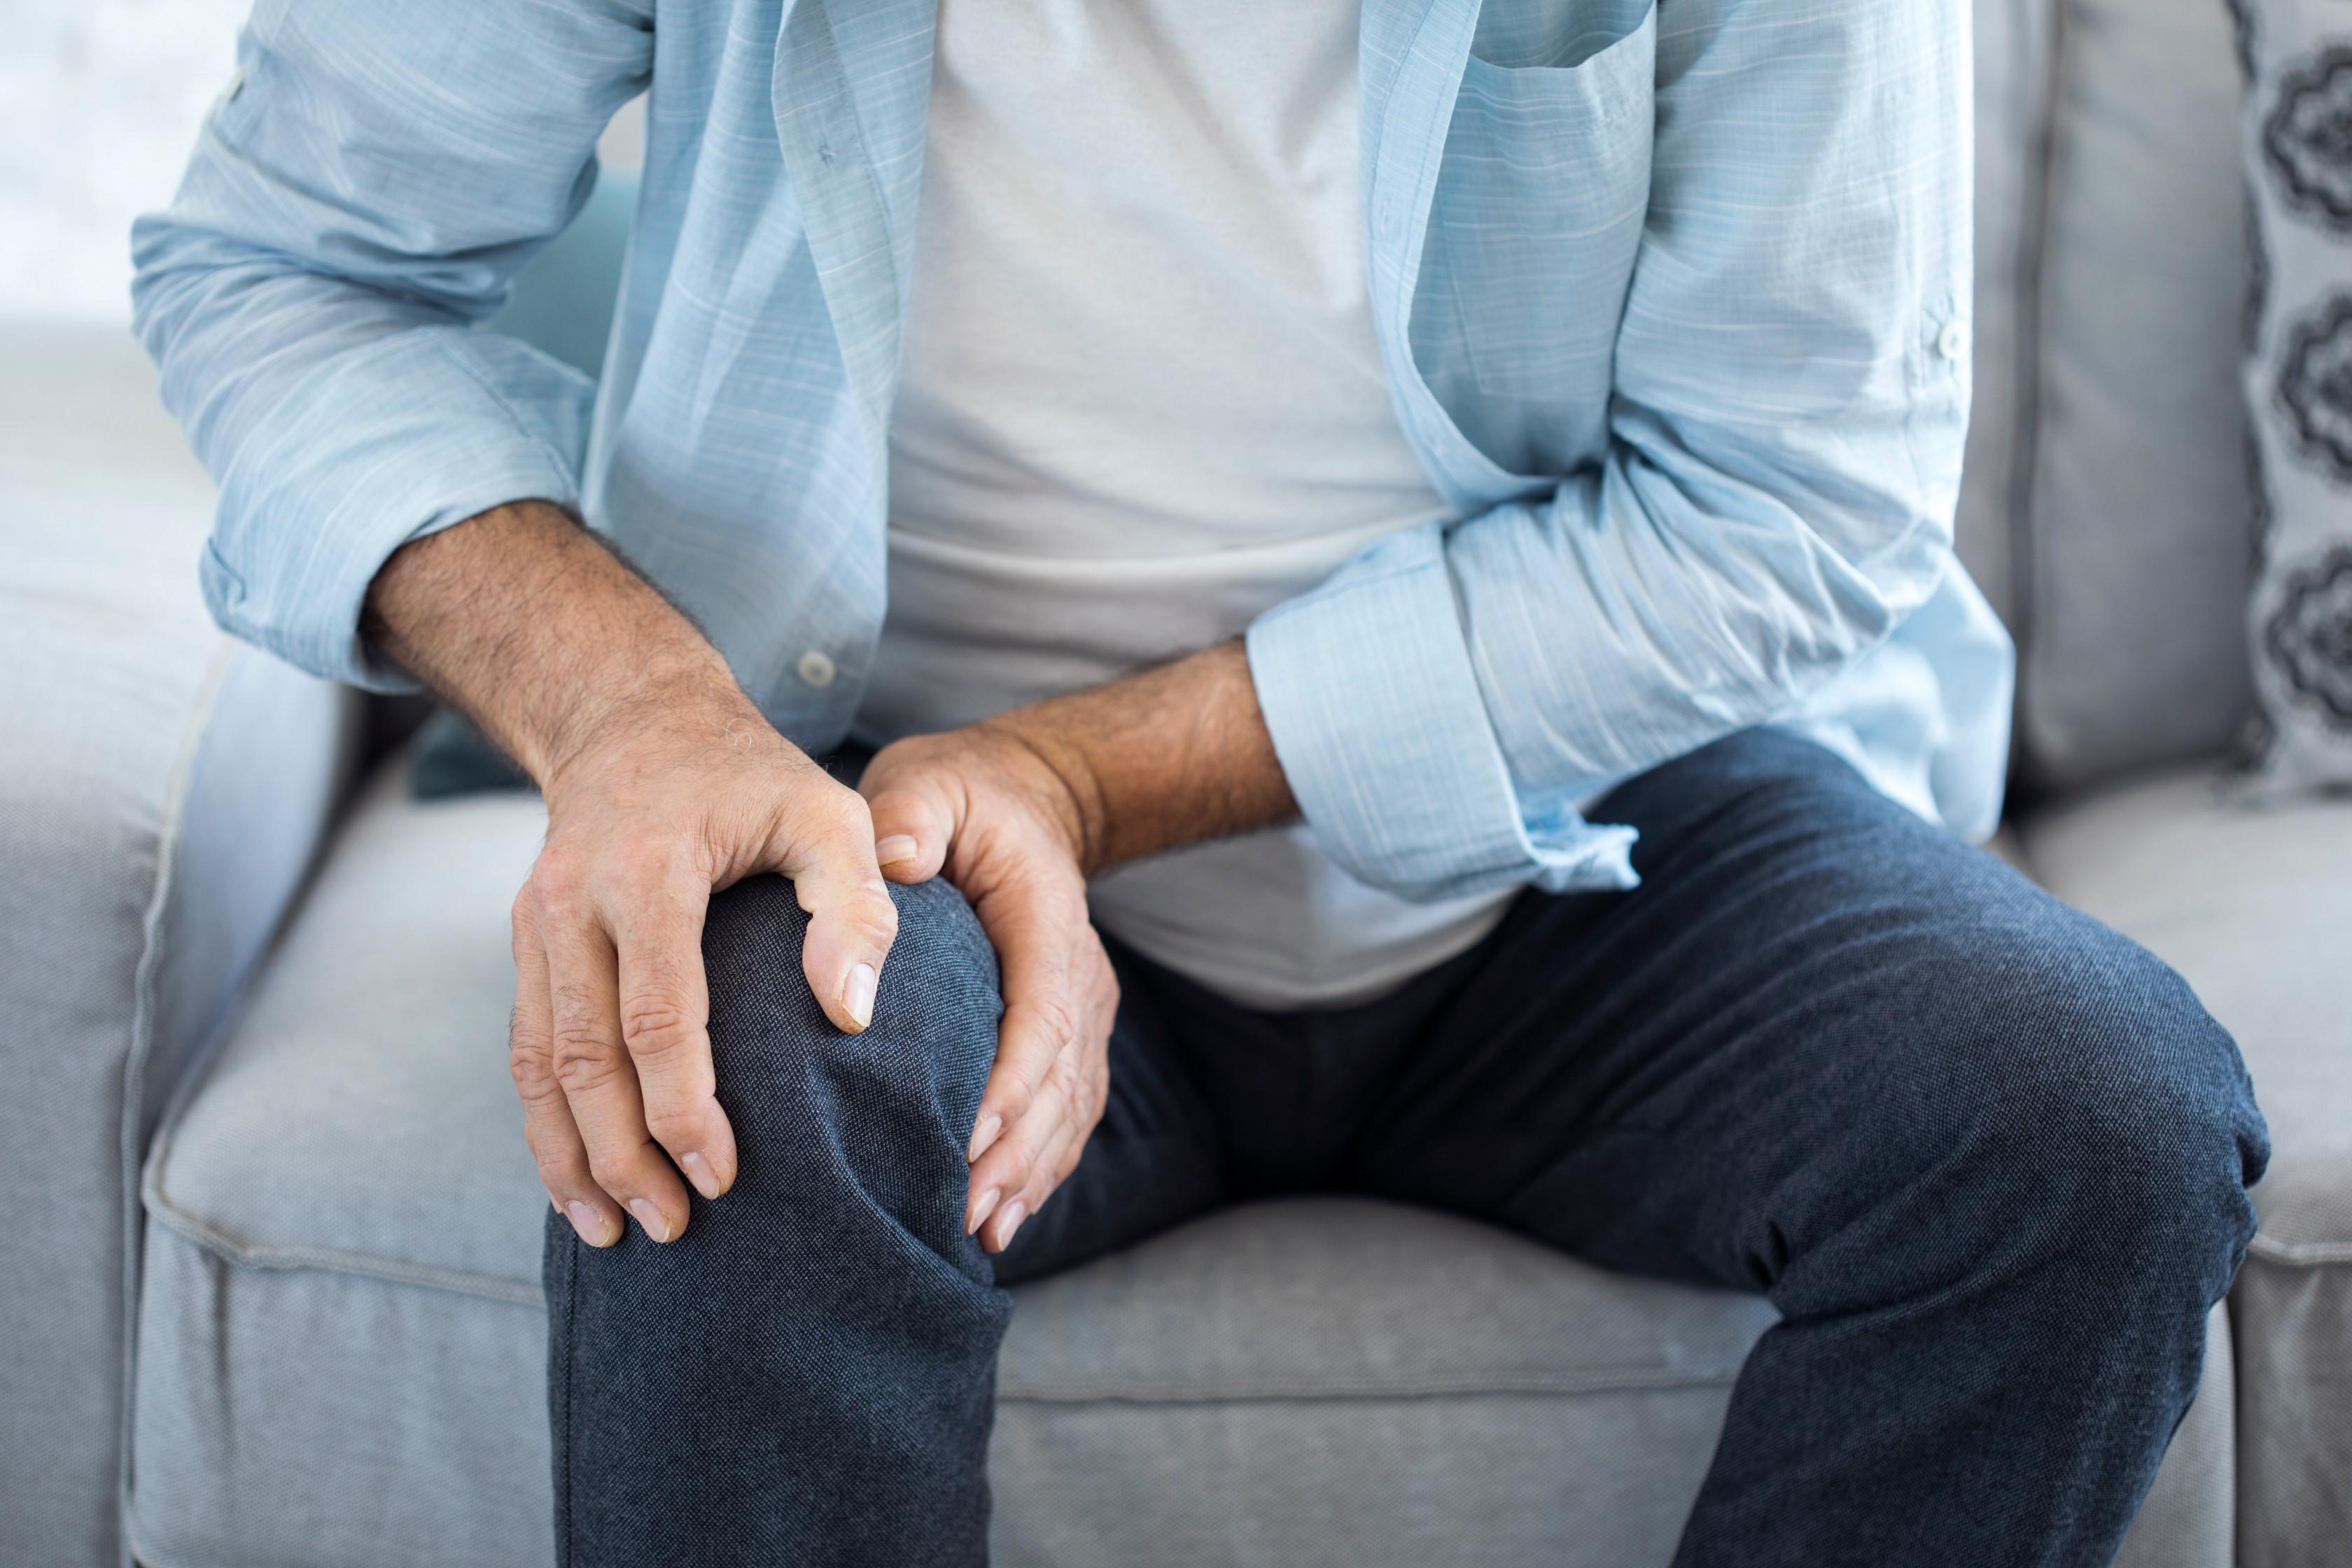 hogyan lehet kezelni a traumás ízületi gyulladást